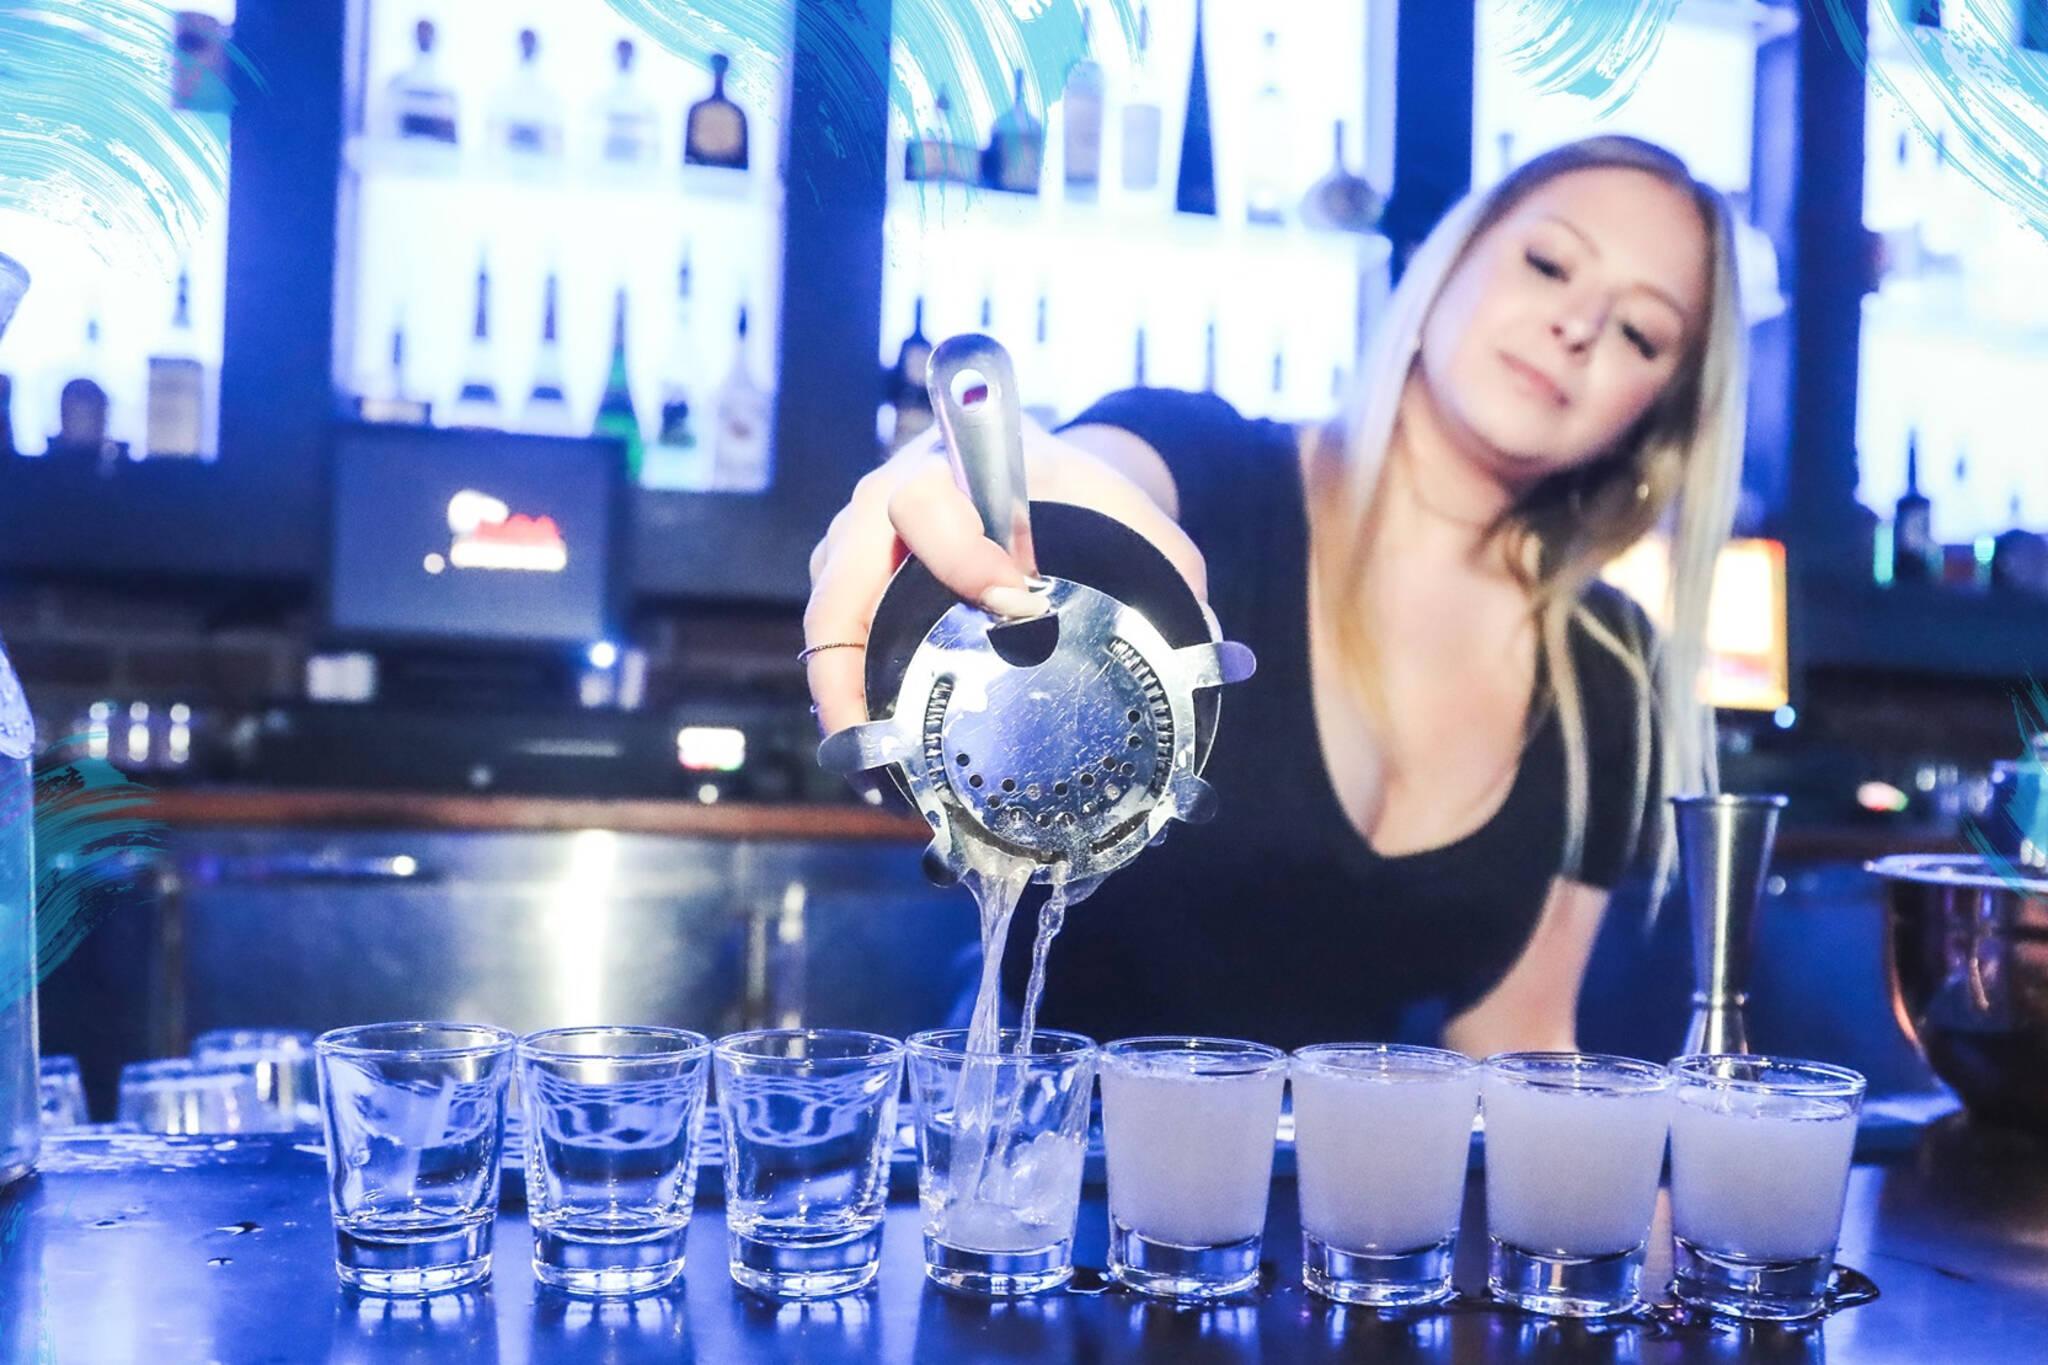 nightclubs reopening